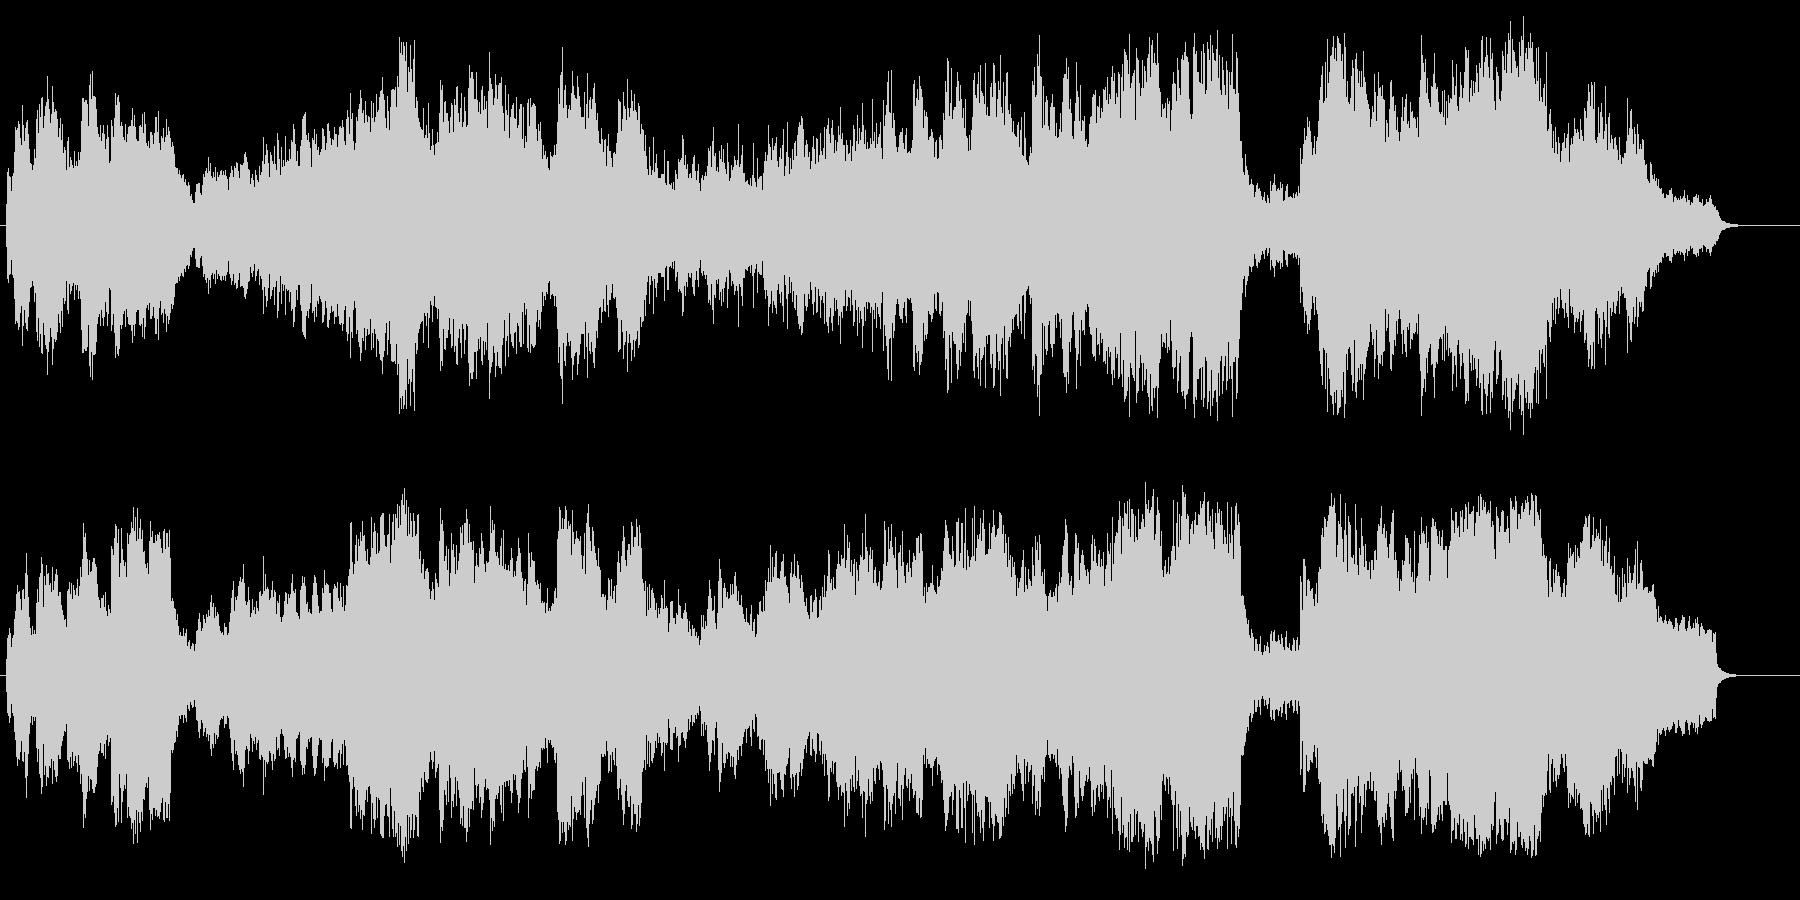 ストリングス効果によるフラットな映画音楽の未再生の波形